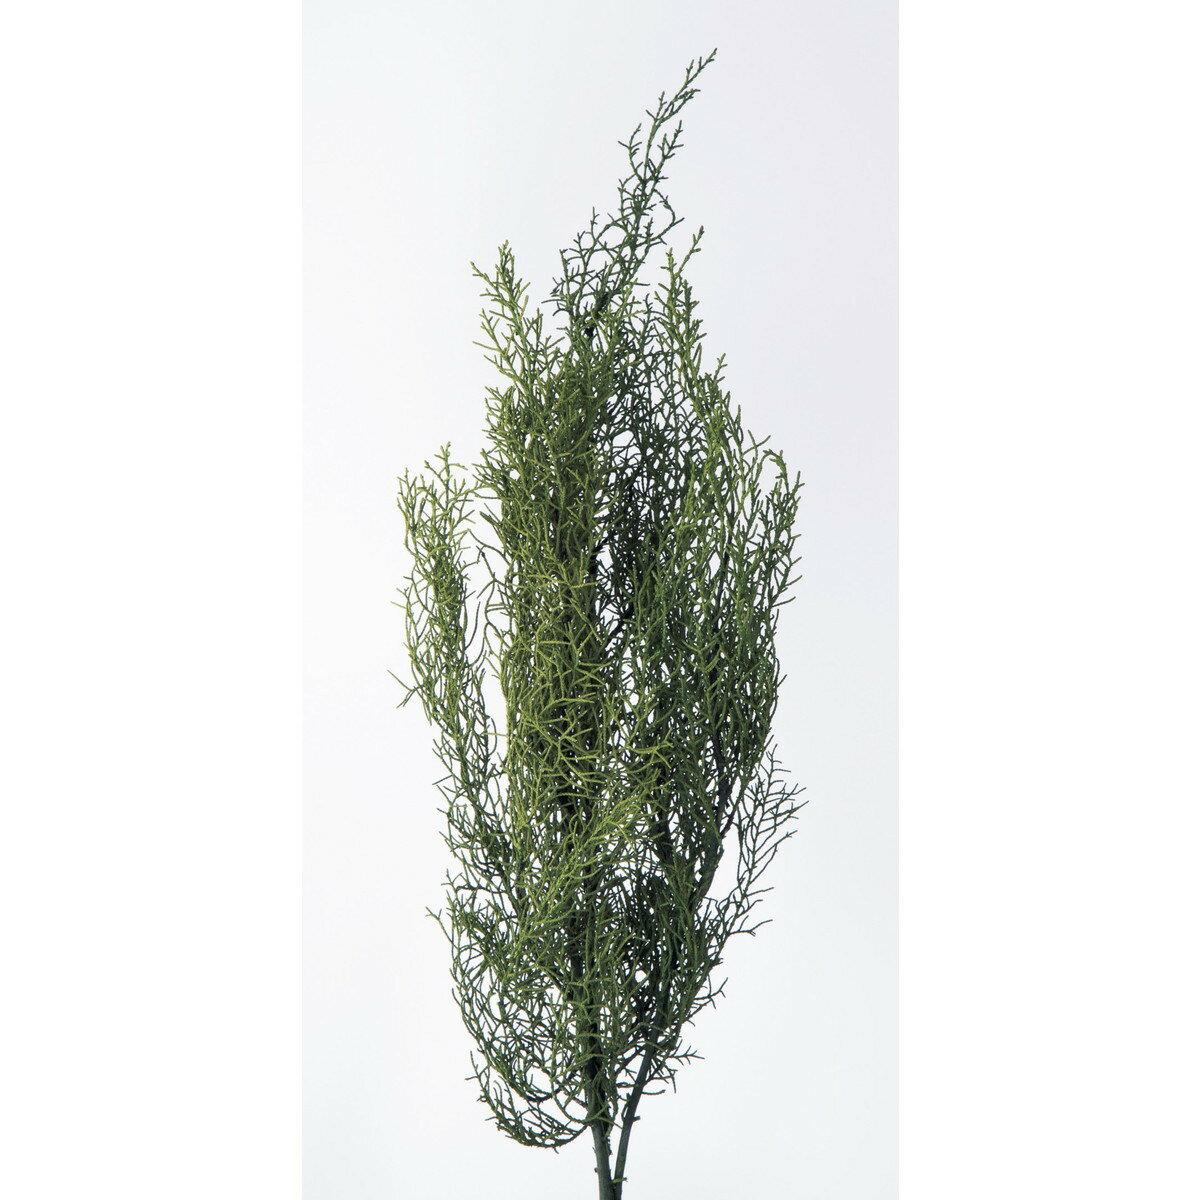 【プリザーブド】大地農園/ブルーアイス 70g入り ライトグリーン/01260-710【01】【取寄】《 プリザーブドフラワー プリザーブドグリーン 葉物 》